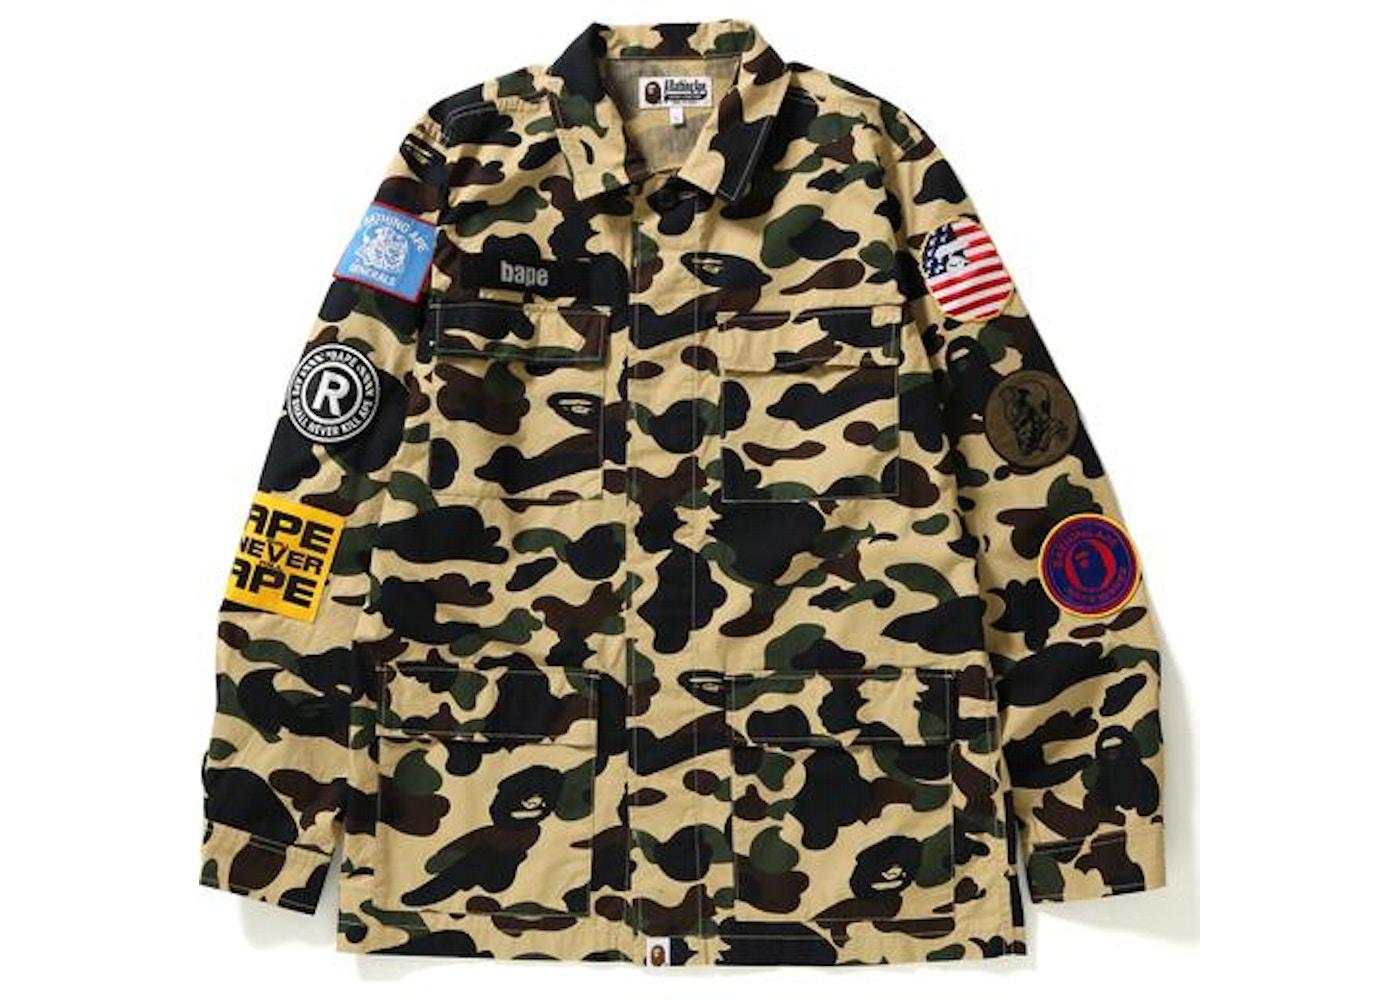 0ca96edb BAPE 1st Camo Multicolor Patch Military Shirt Shirt Yellow. 1st Camo  Multicolor Patch Military Shirt